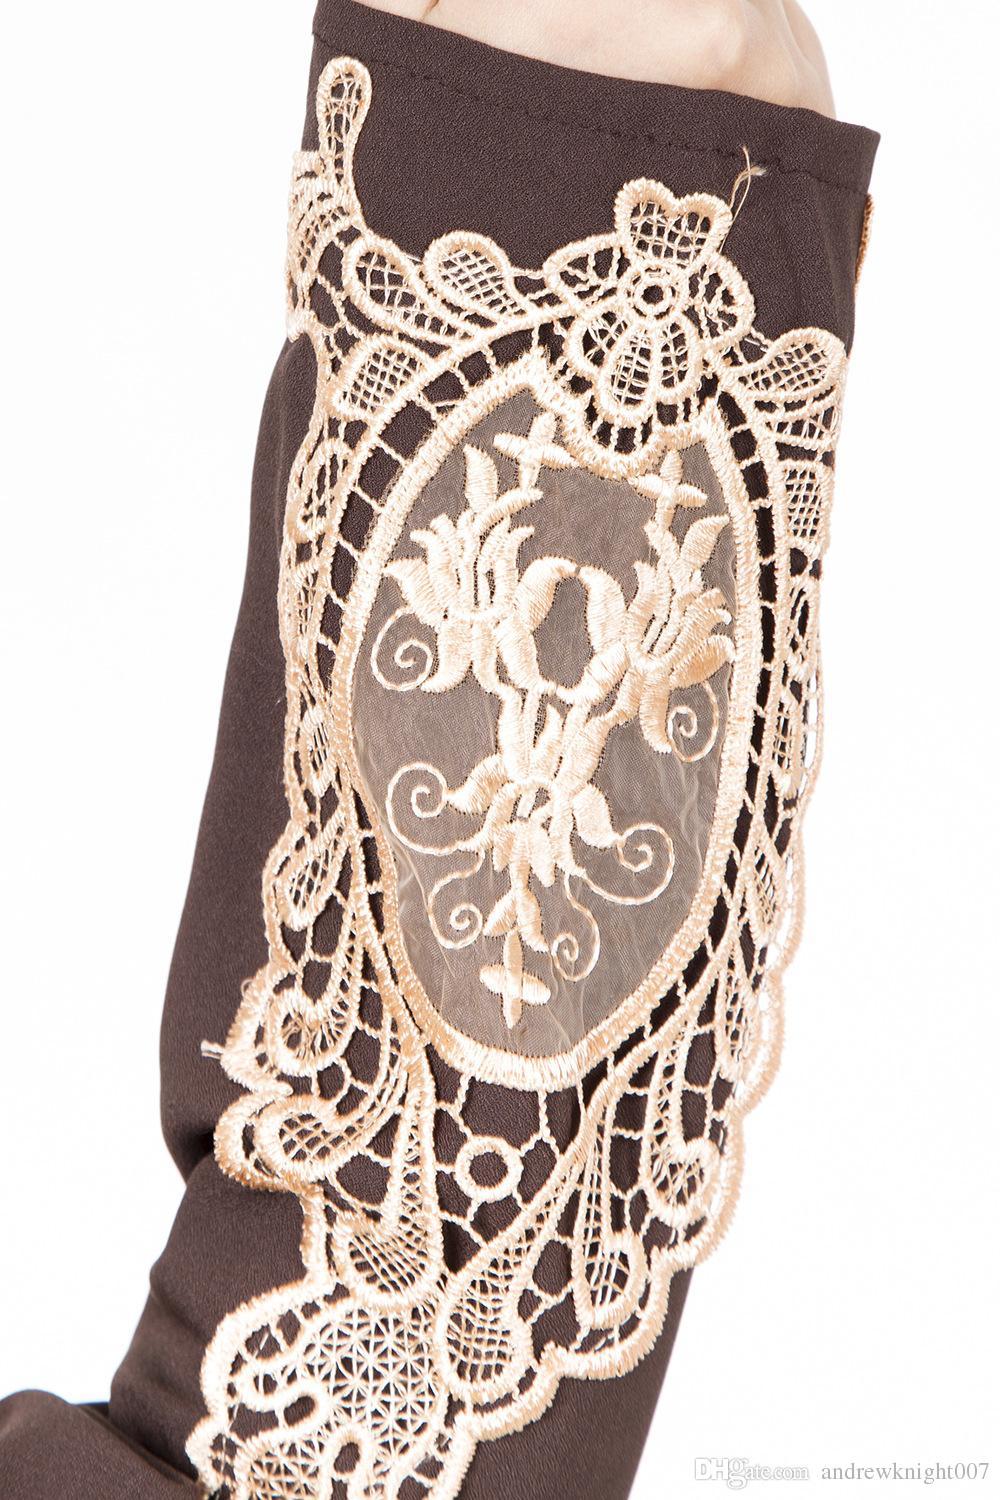 Kadın Müslüman Elbise 3 Renkler Vintage Kaftan Abaya Patchwork Ince Uzun Kollu Yumuşak Maxi İslam DK722MZ Ücretsiz Kargo Dropshipping